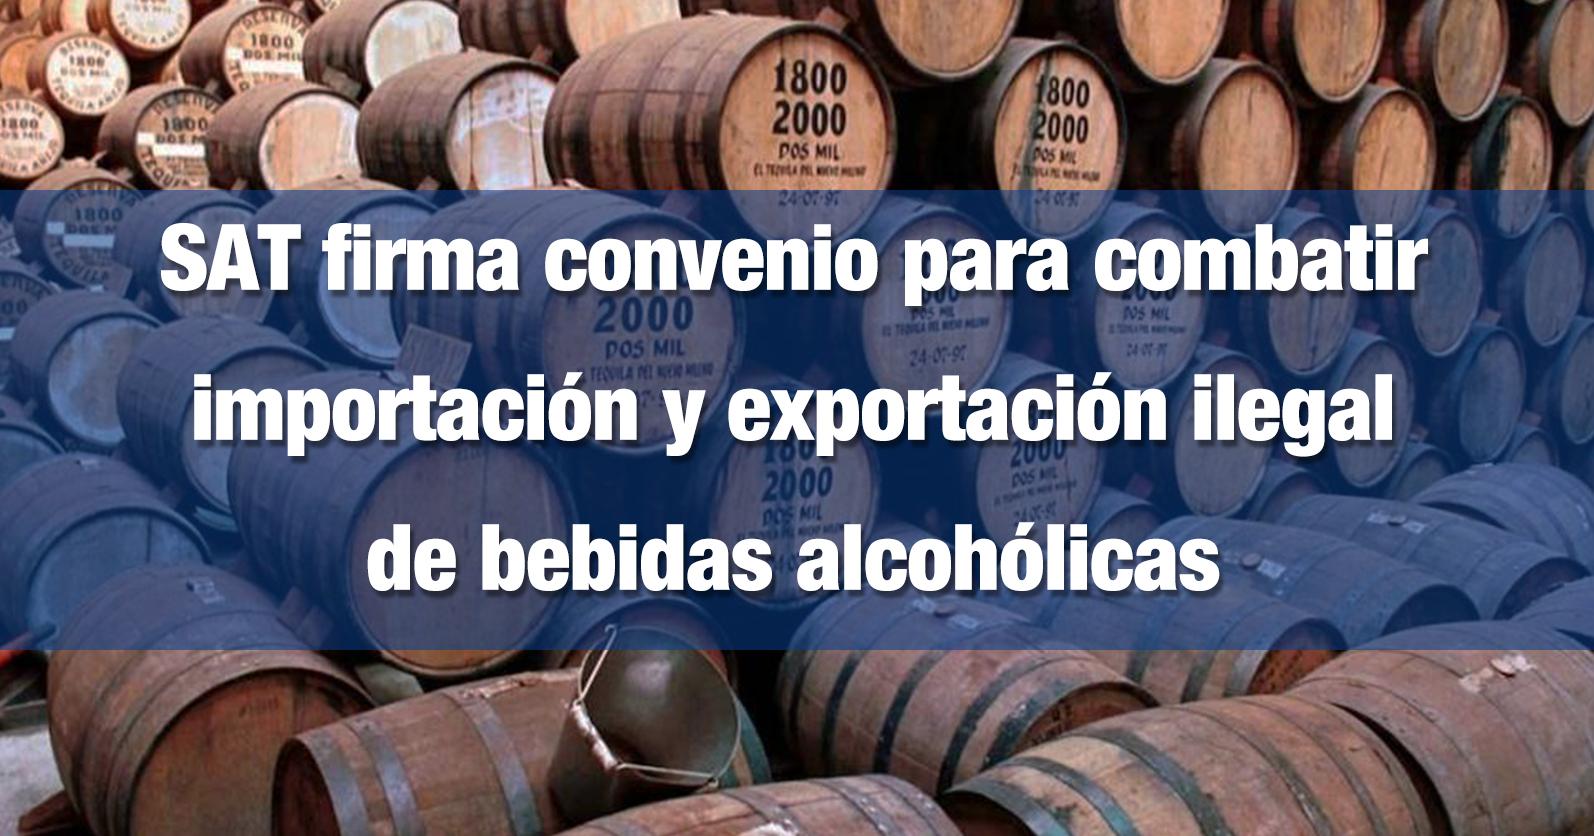 SAT firma convenio para combatir importación y exportación ilegal de bebidas alcohólicas